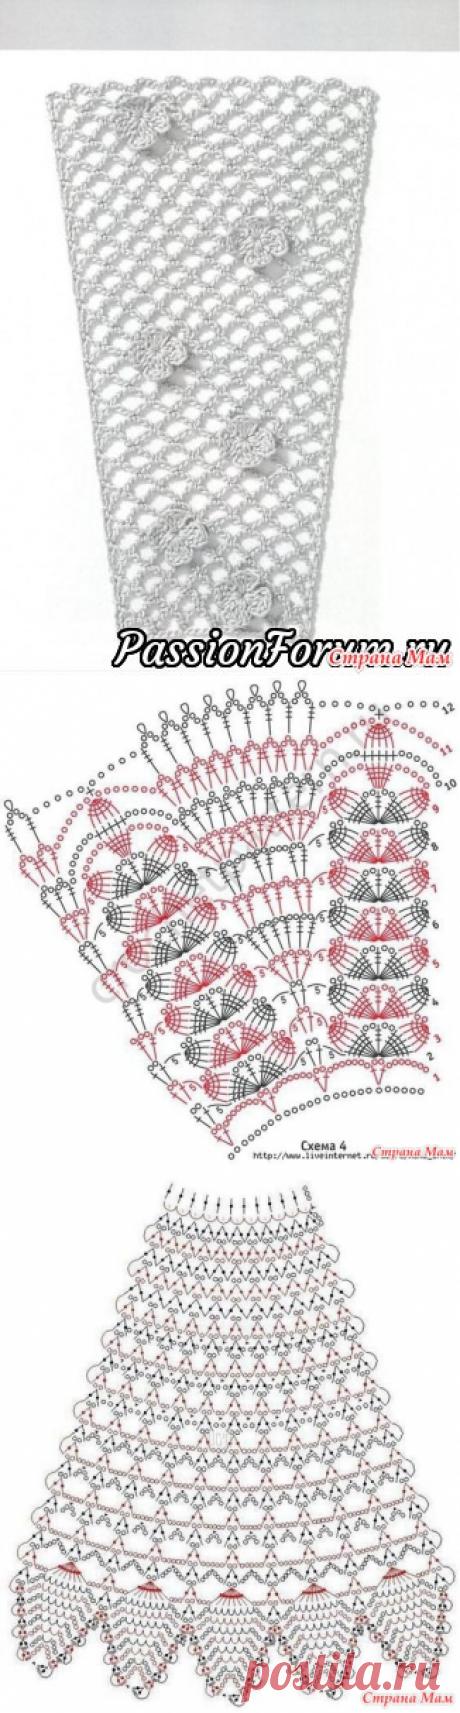 Схемы узоров для расширения полотна (крючок) 4 - Вязание - Страна Мам